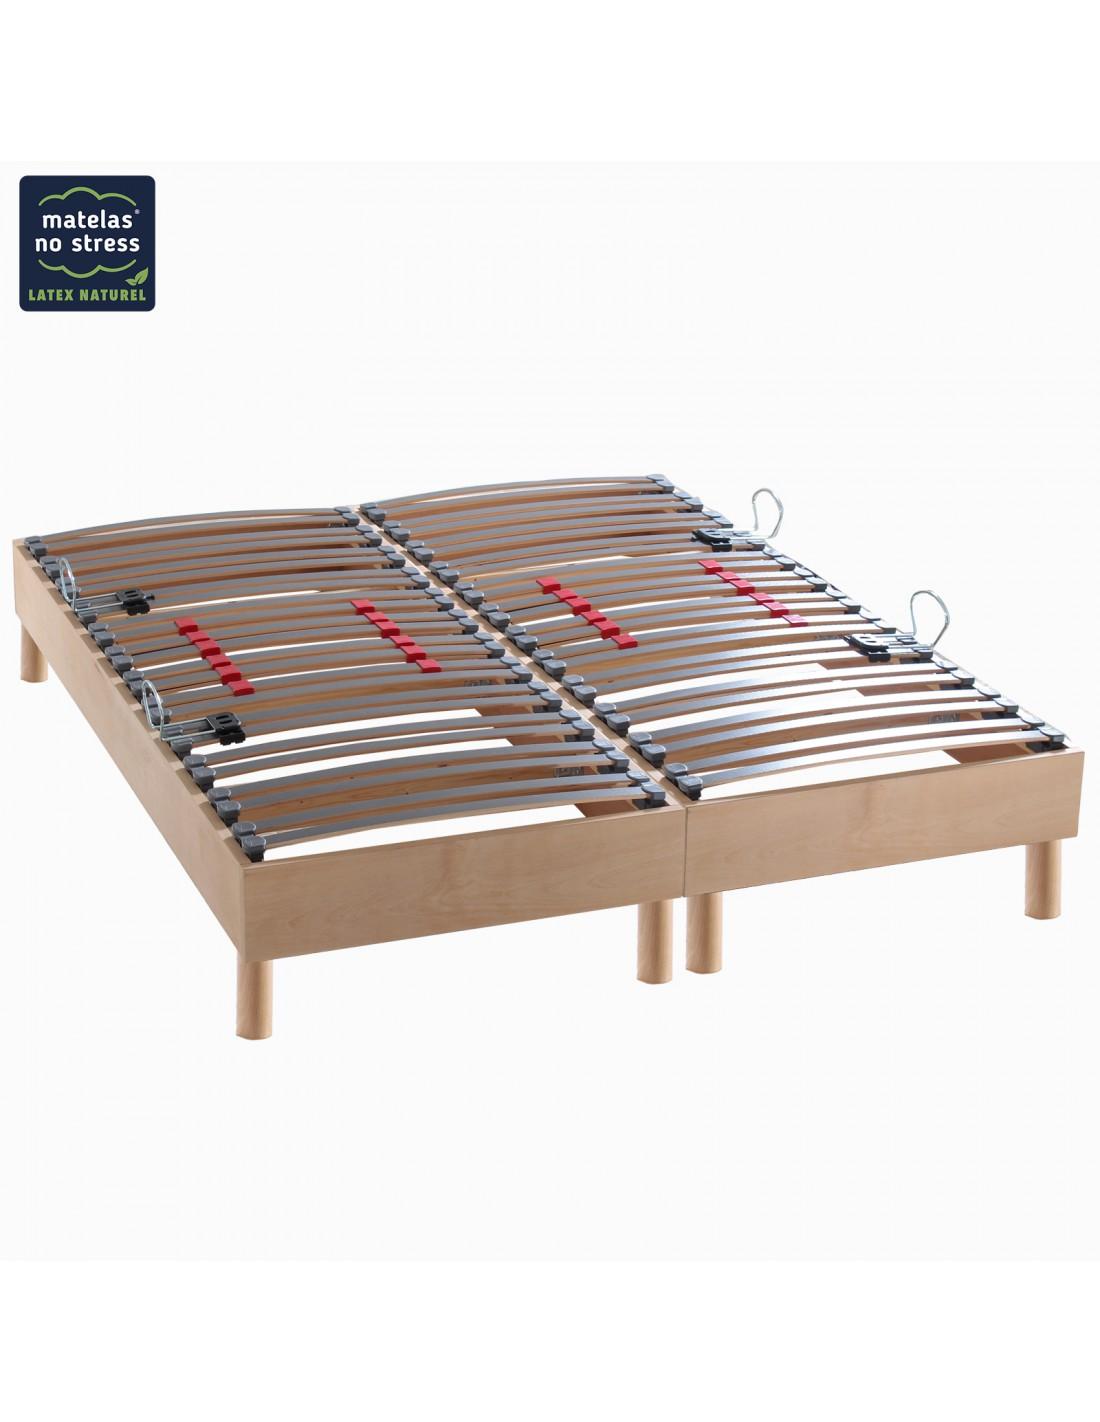 sommier 160x200 bois naturel finition haut de gamme